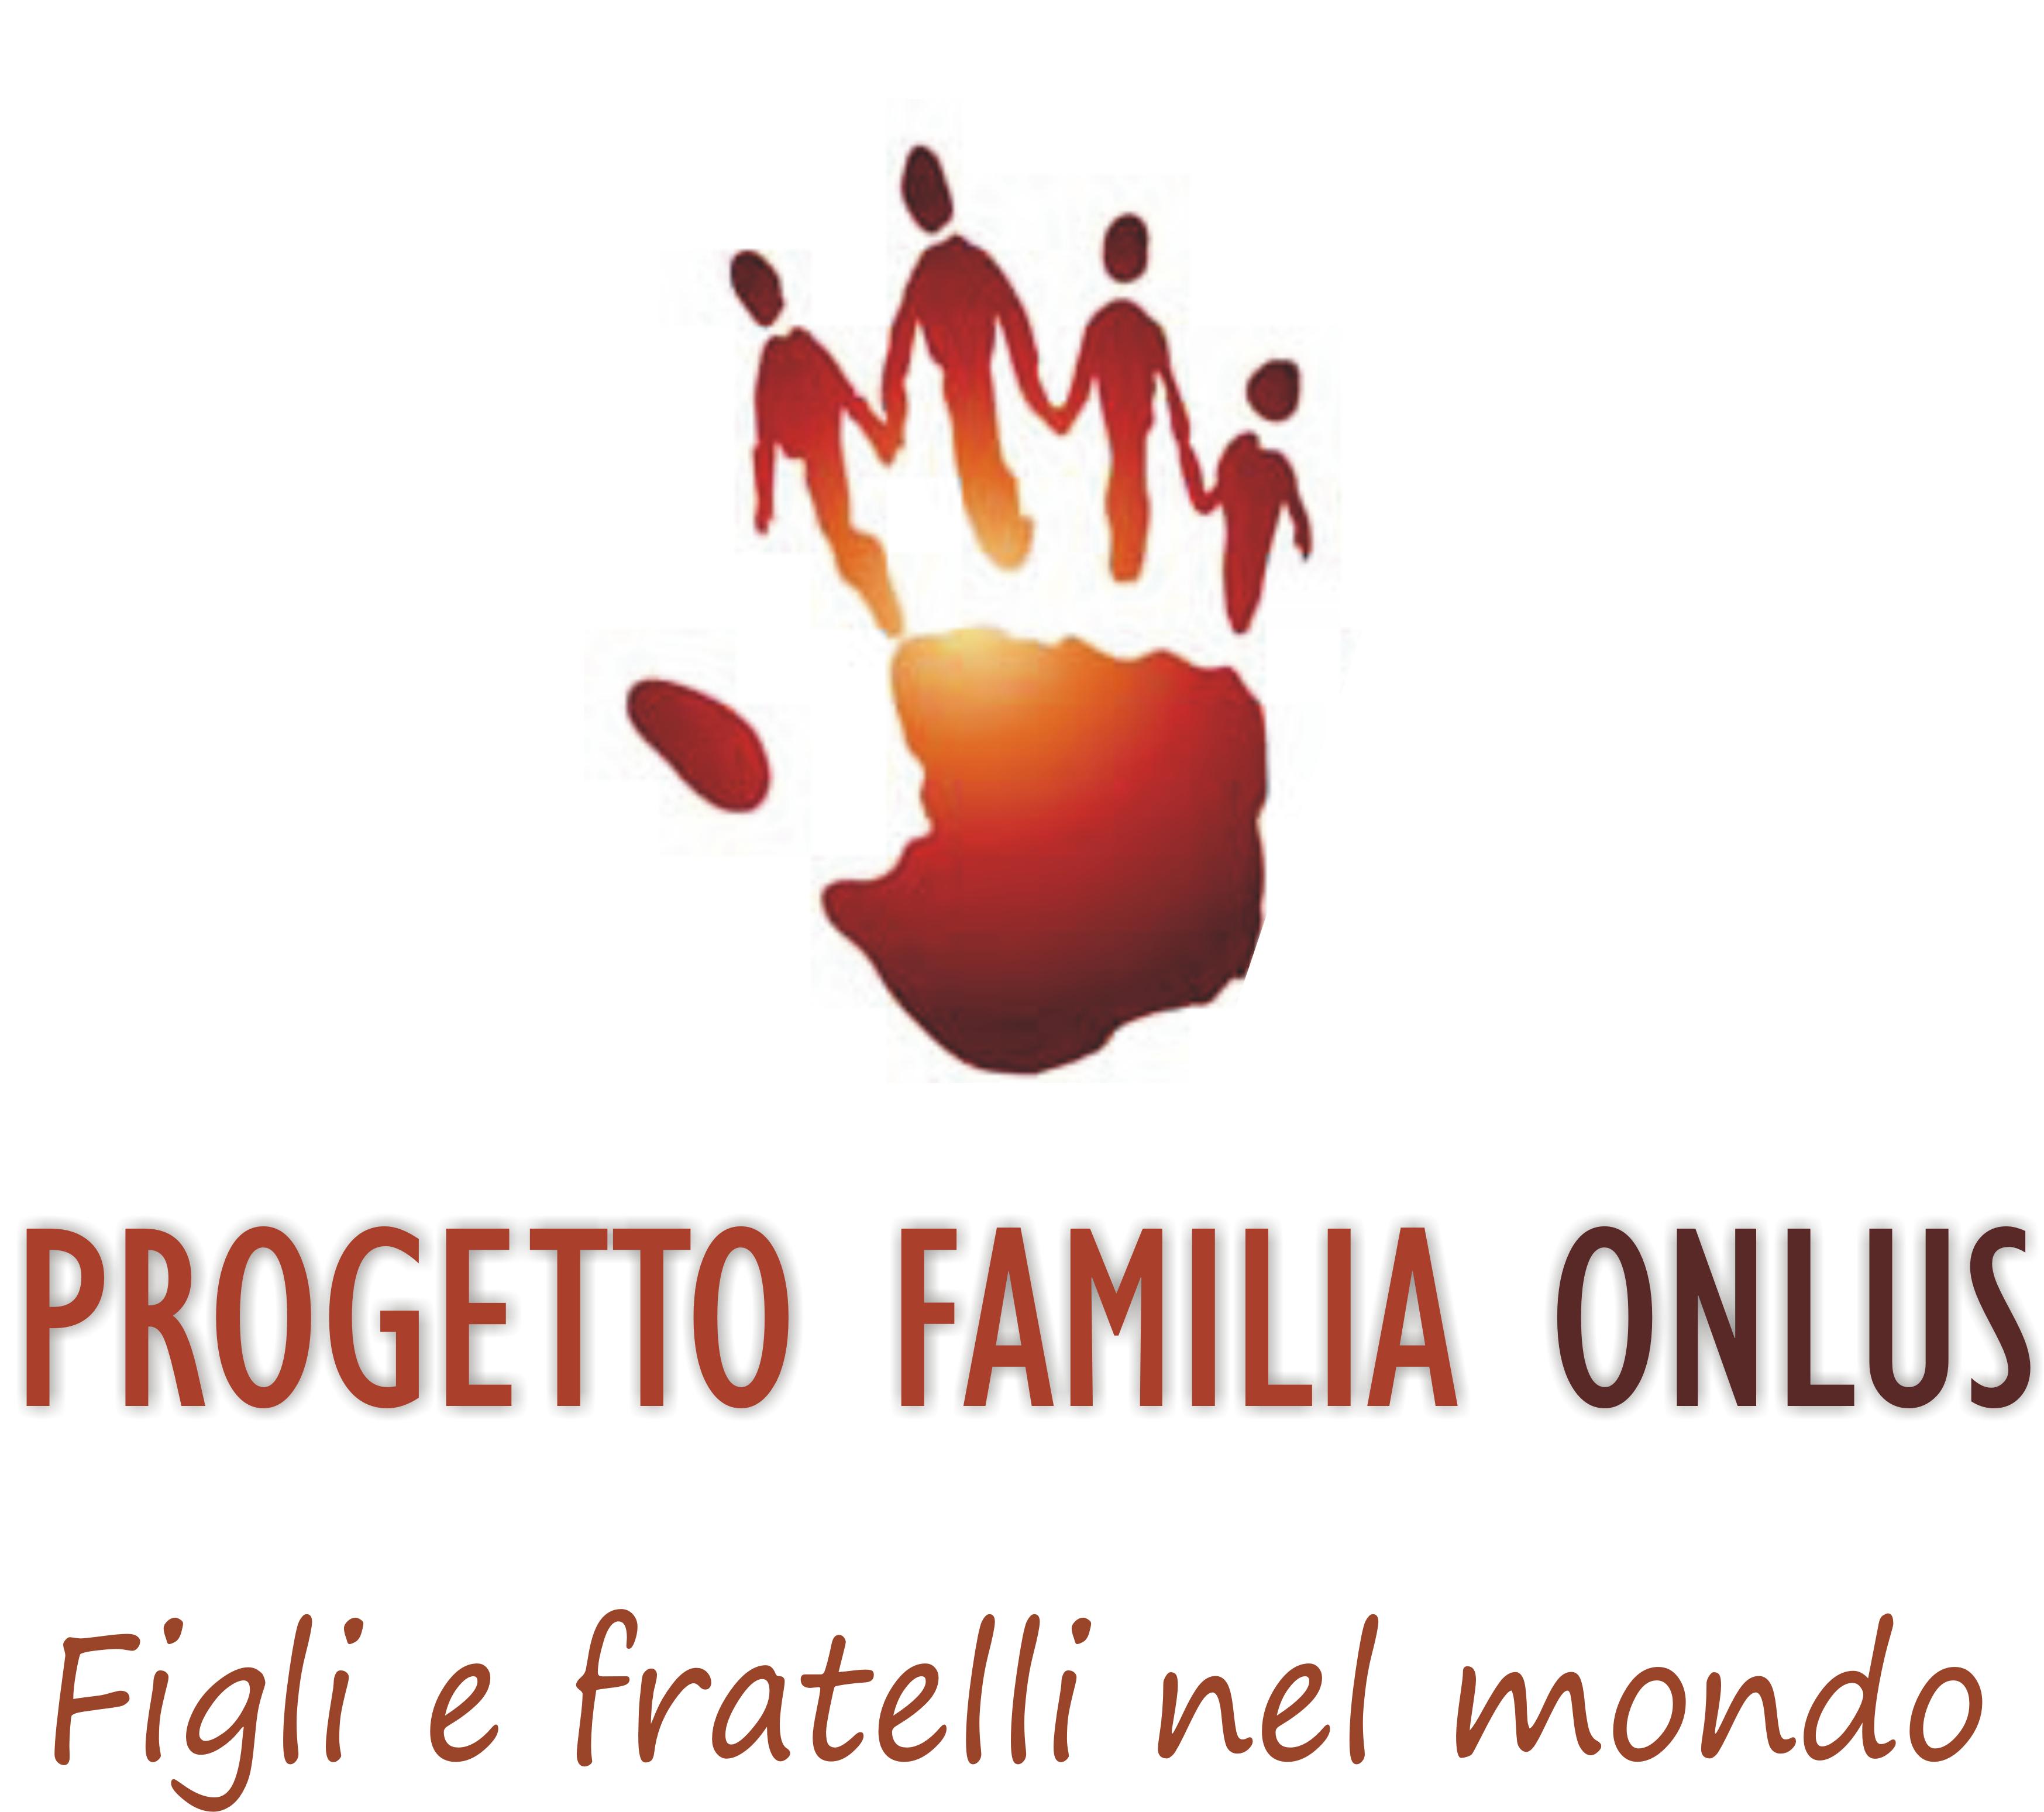 Progetto Familia Onlus